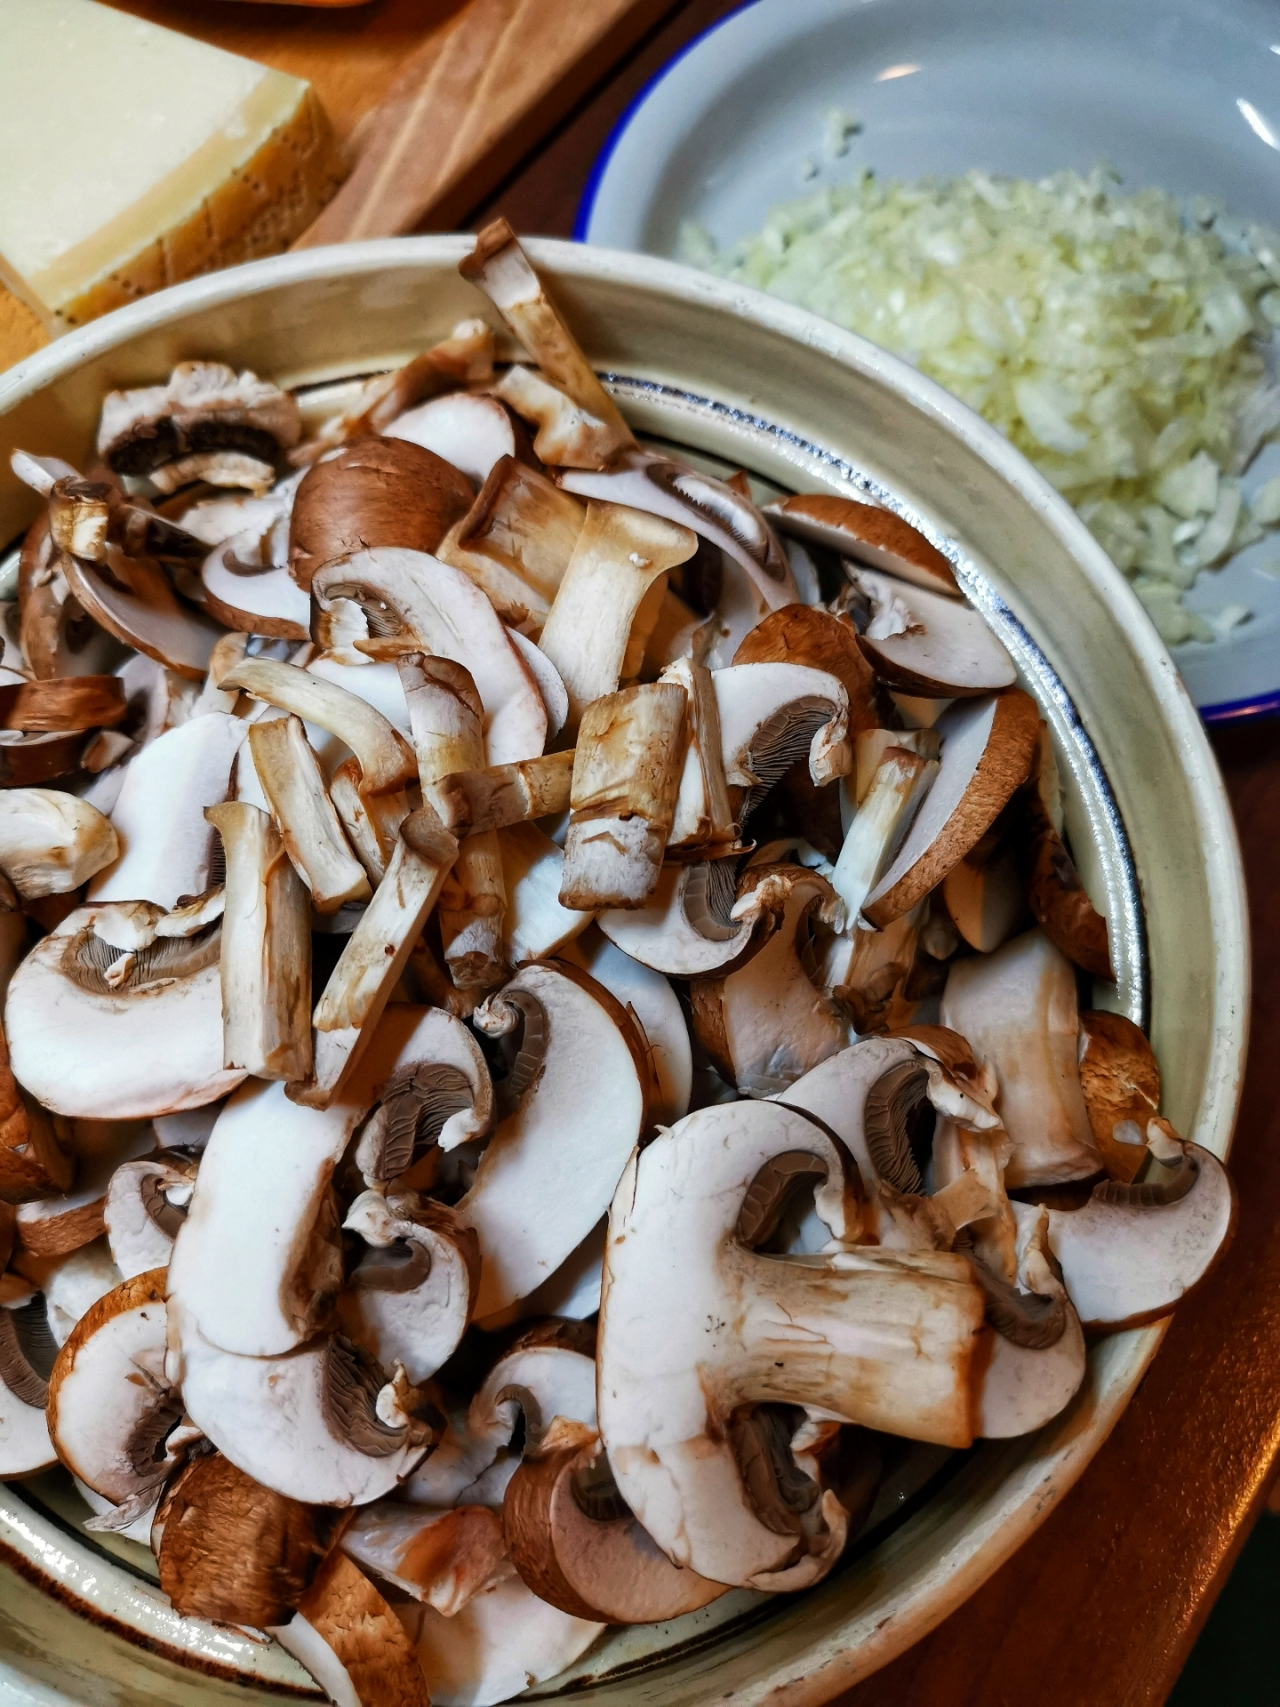 ciuperci brune feliate